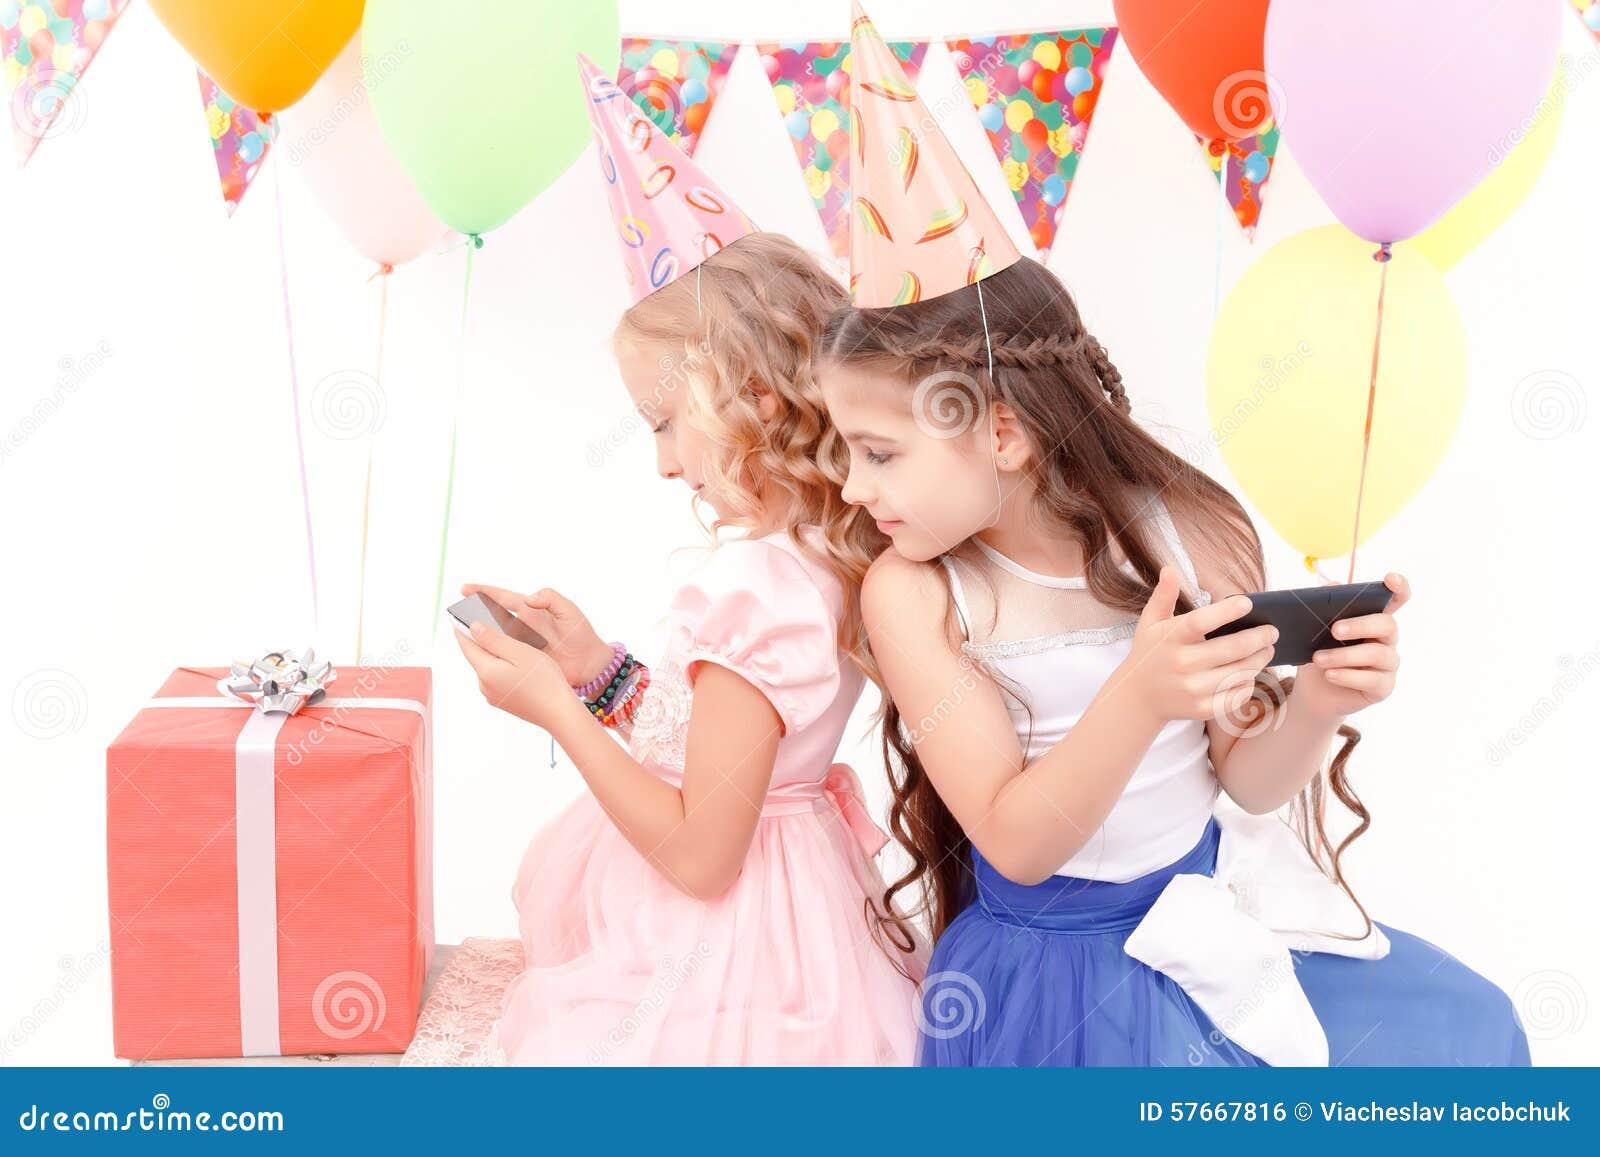 Dwa dziewczyny z telefonem komórkowym podczas przyjęcia urodzinowego